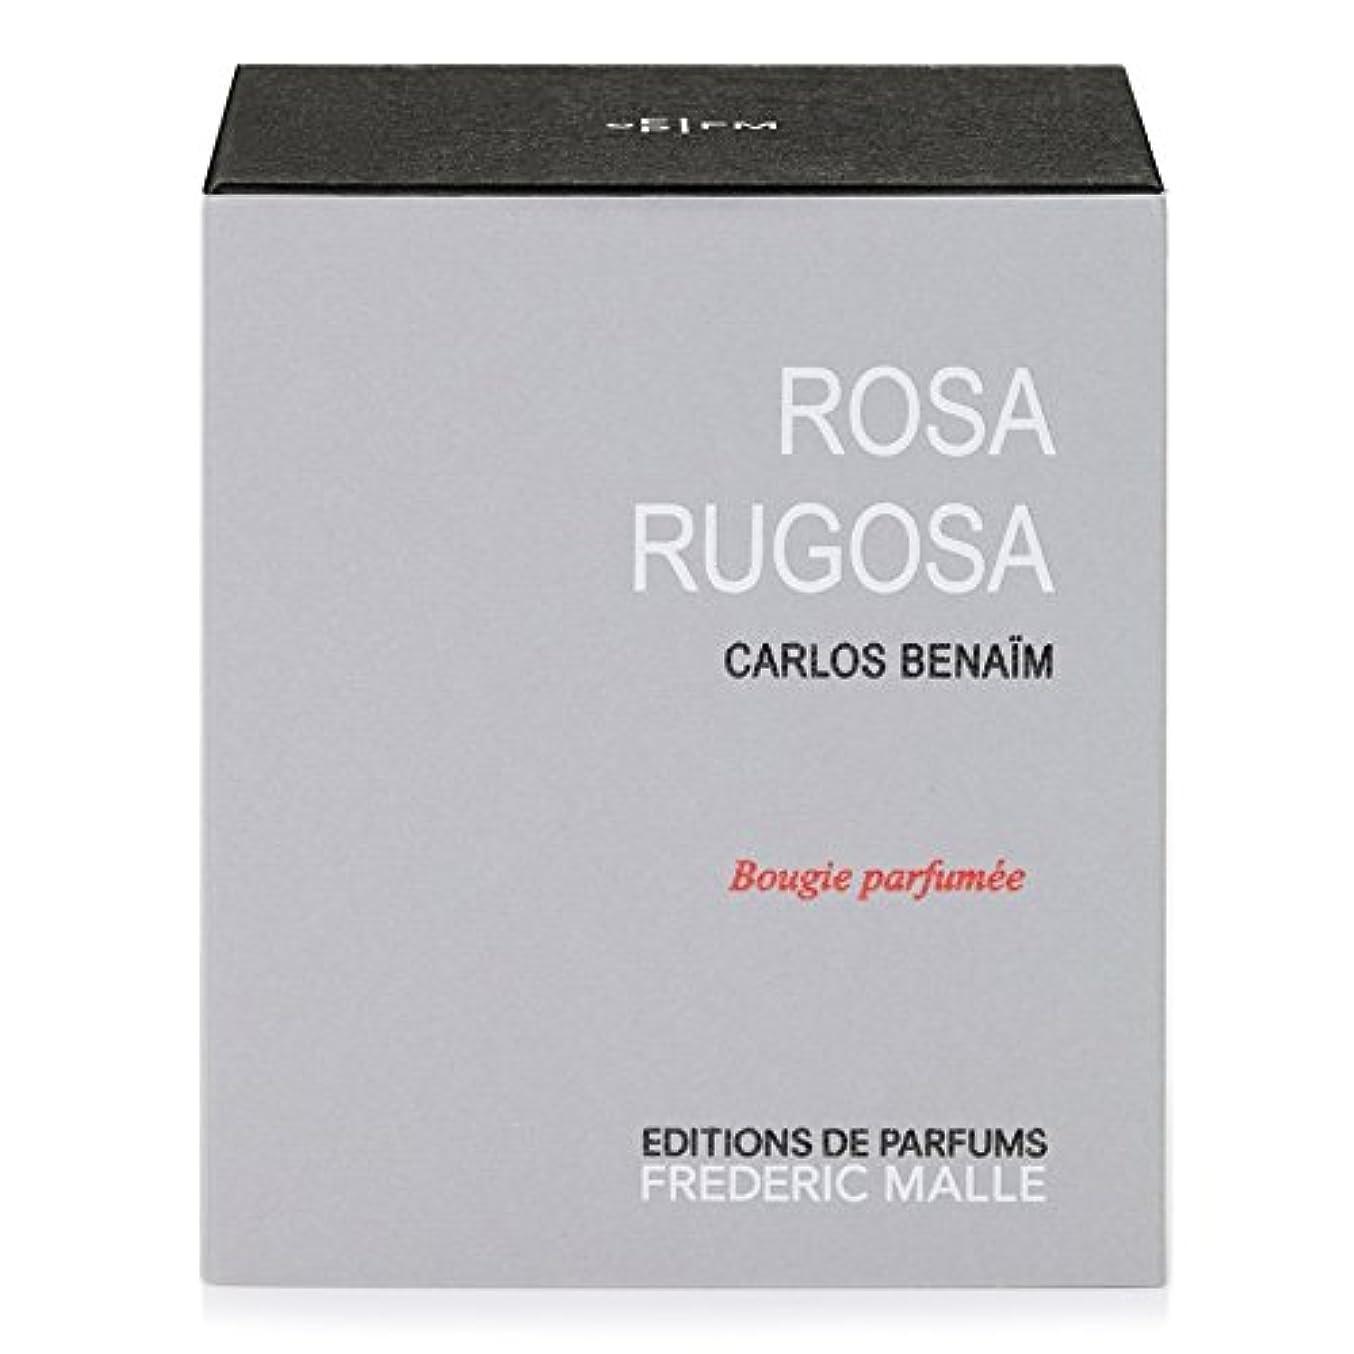 レオナルドダ瞳資料Frederic Malle Rosa Rugosa Scented Candle - フレデリック?マルハマナスの香りのキャンドル [並行輸入品]